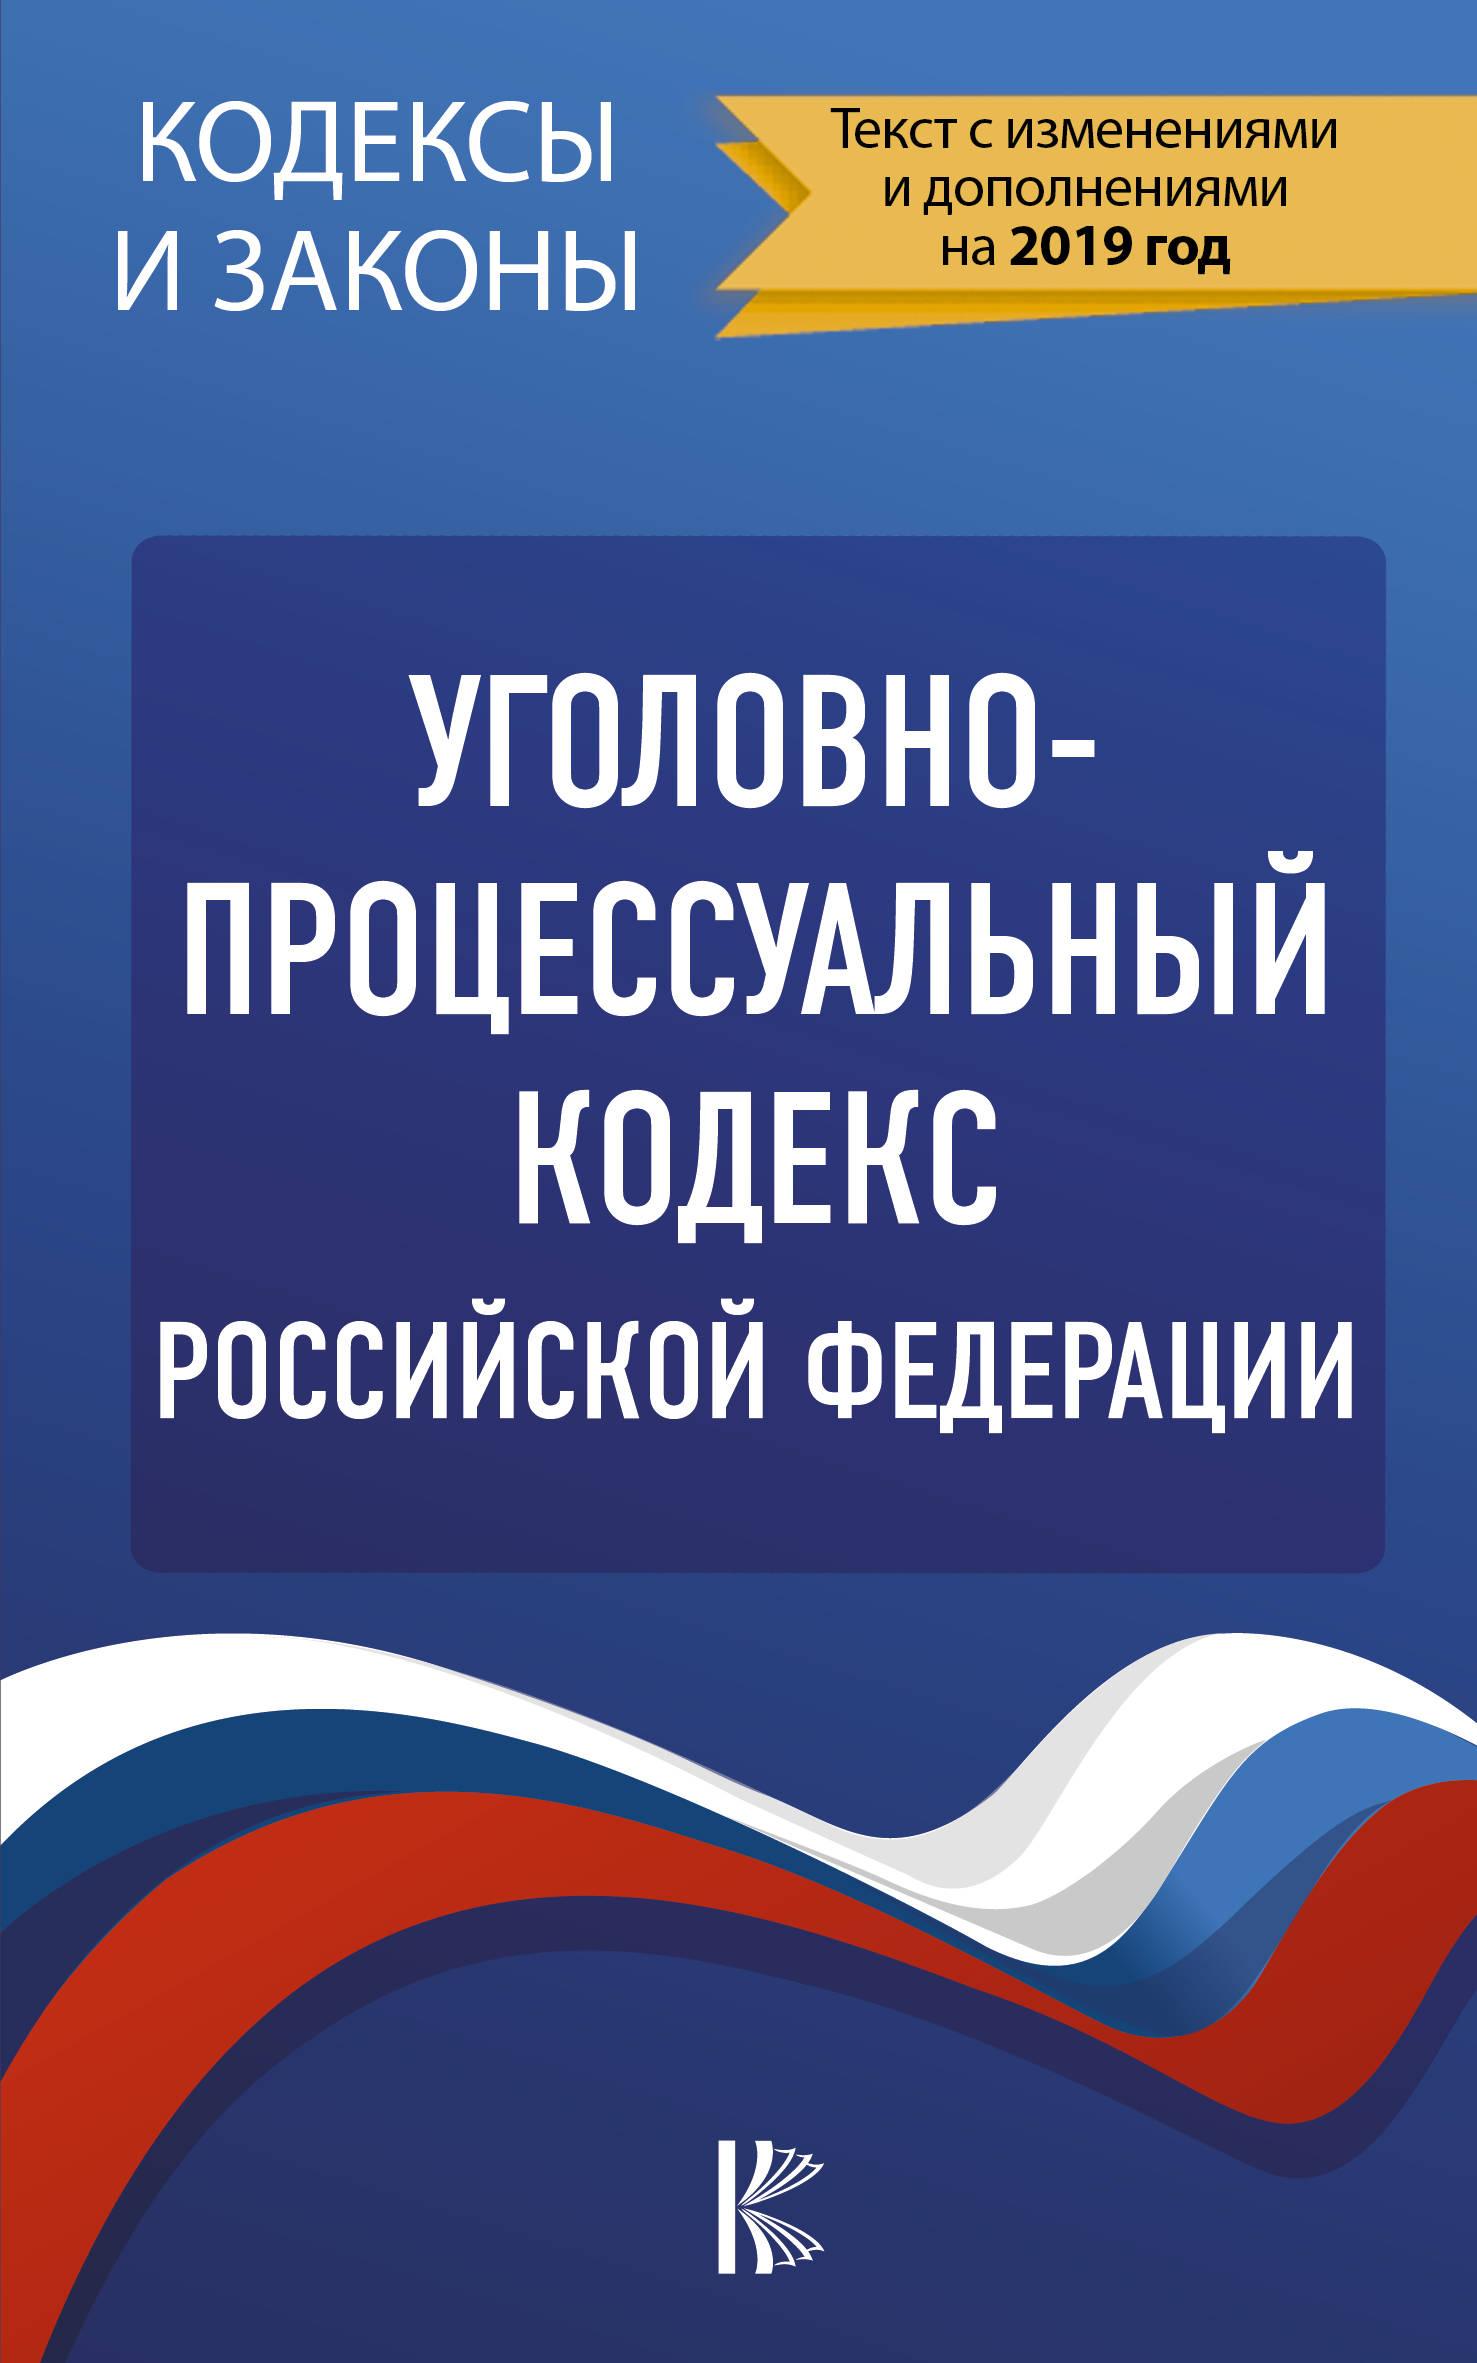 Уголовно-процессуальный кодекс Российской Федерации на 2019 год уголовно исполнительный кодекс российской федерации по состоянию на 2012 год isbn 9785425206558